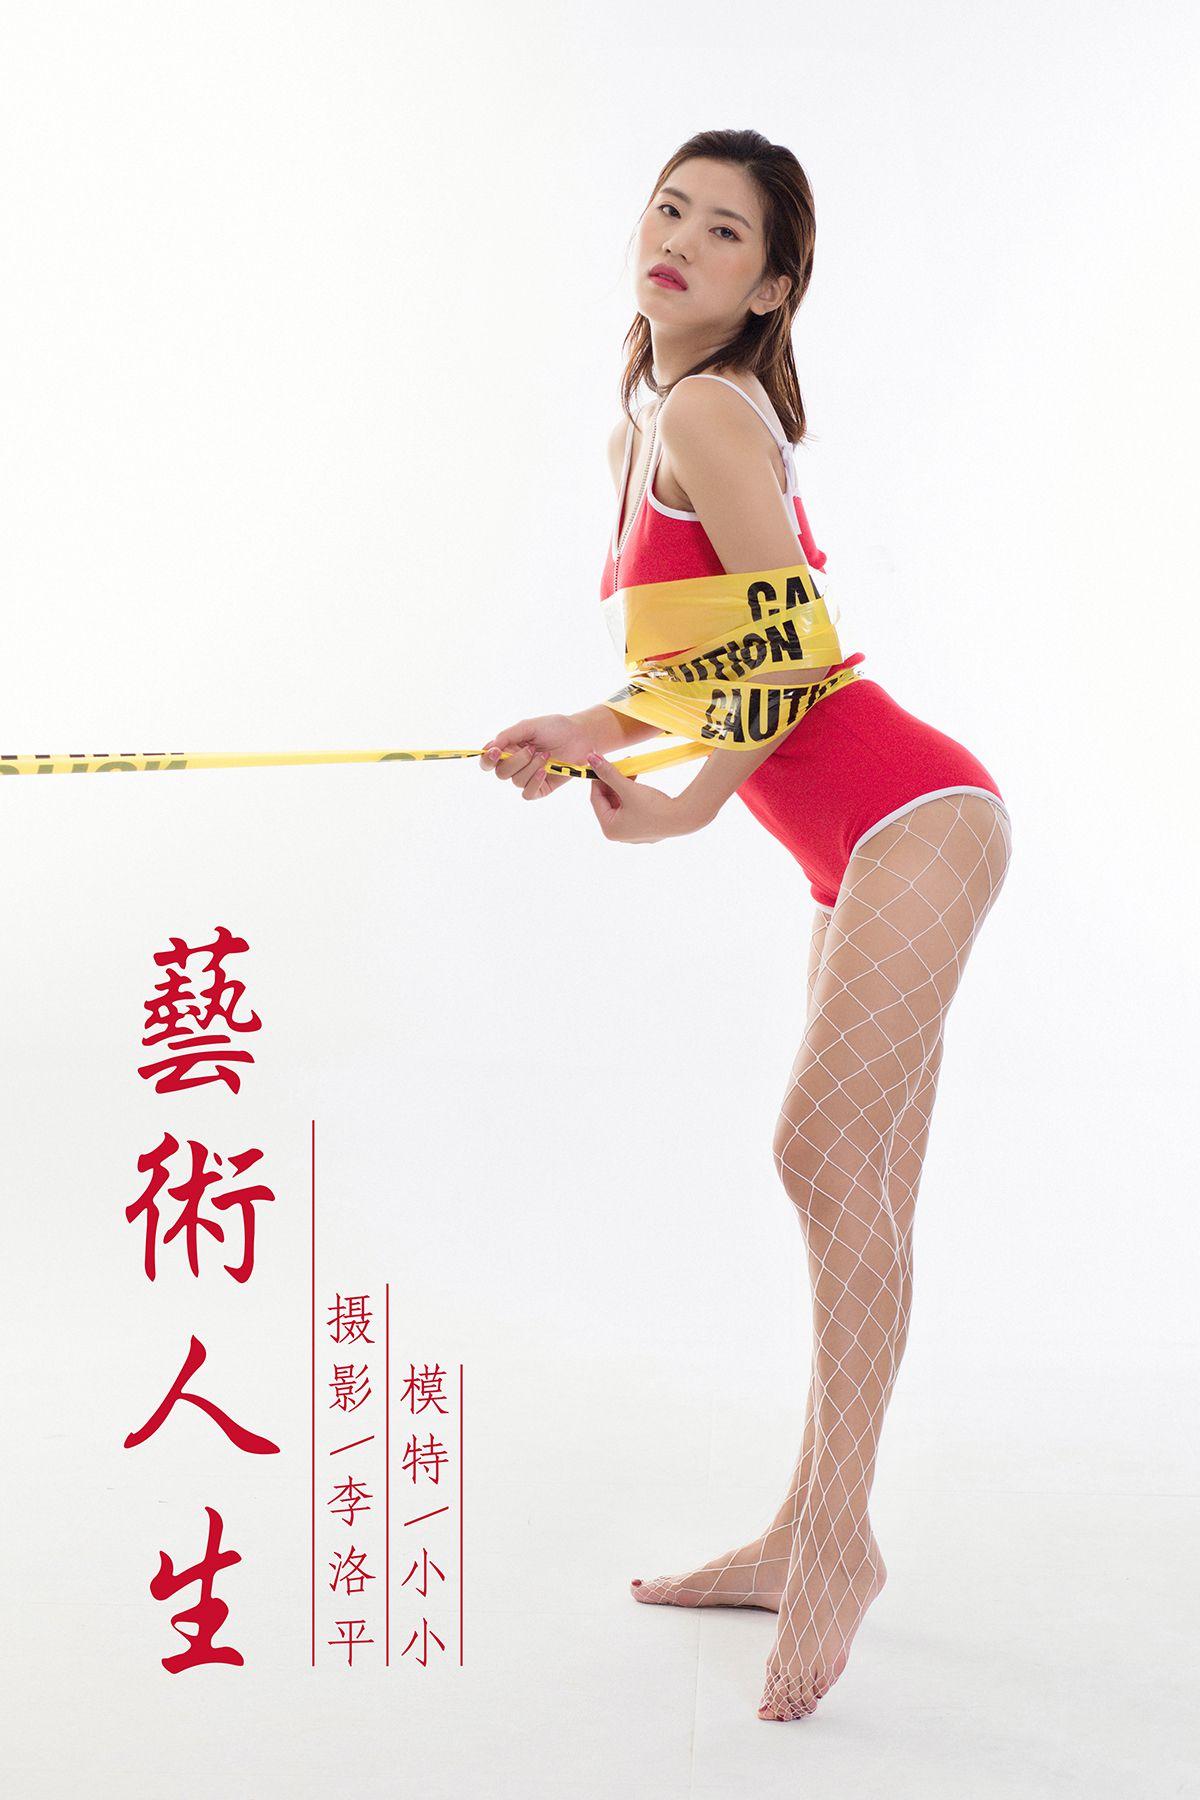 YaLaYi雅拉伊 Vol.499 Xiao Xiao